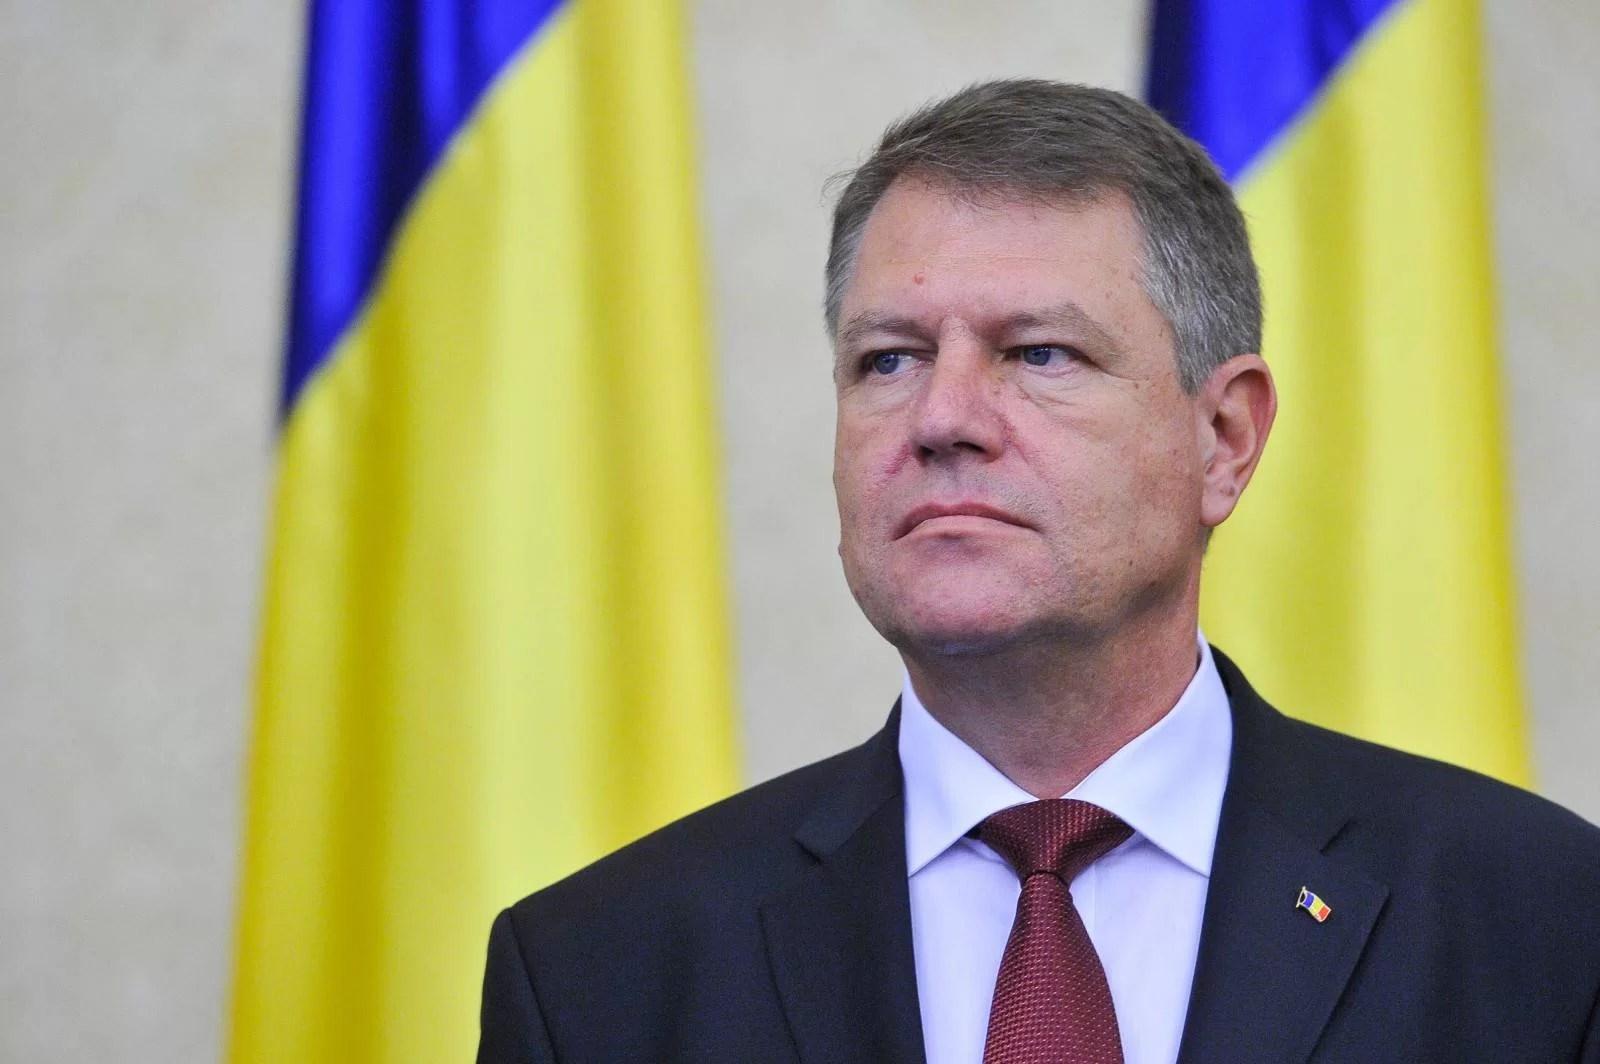 """Klaus Iohannis, mesaj dur pentru PSD-ALDE: """"Aţi băgat țara în criză pentru că nu aţi  știut să guvernaţi!"""""""